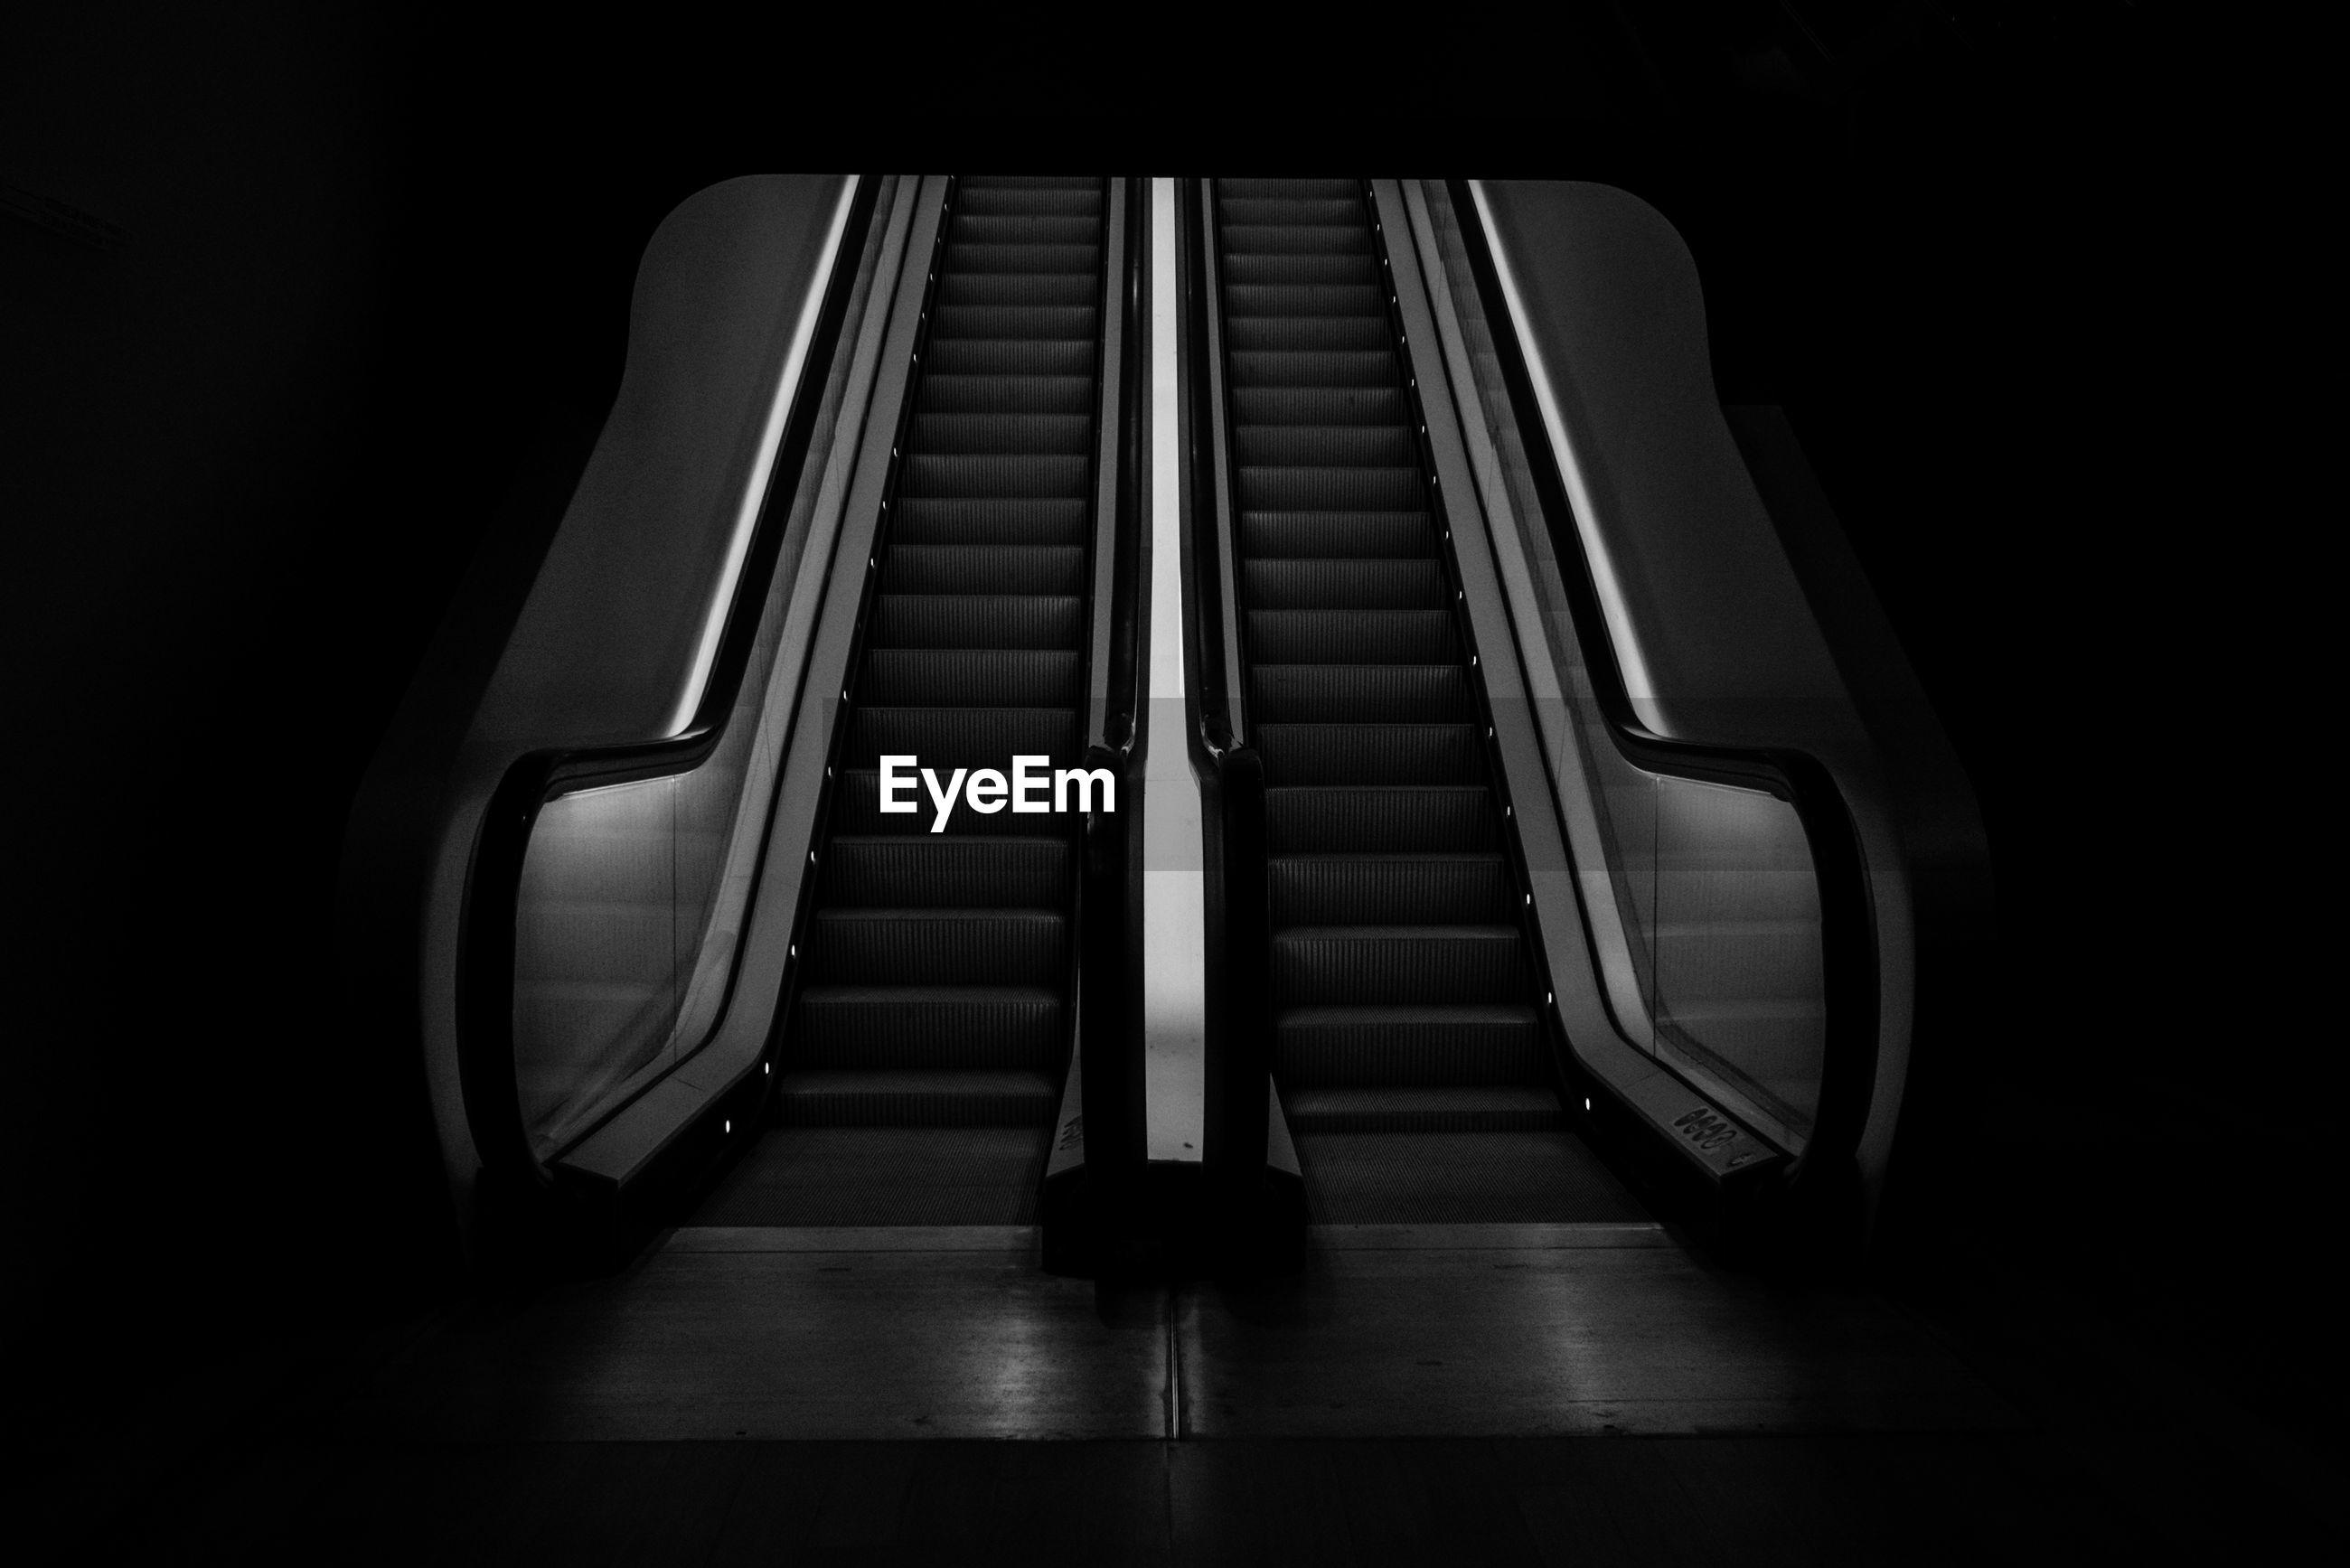 Empty escalator in building